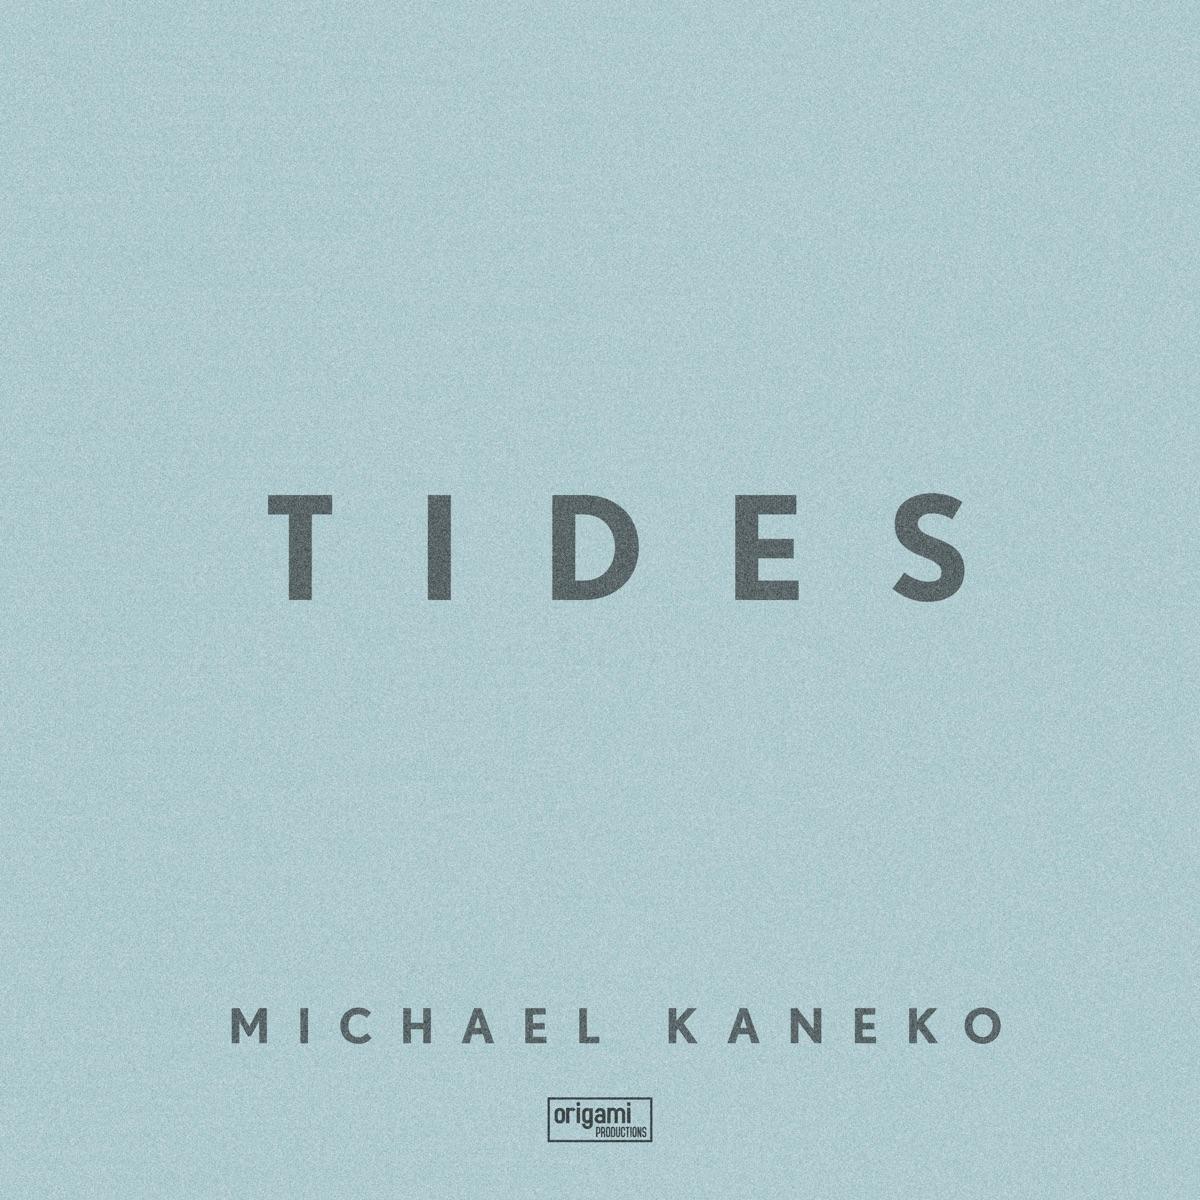 『Michael Kaneko Tides 歌詞』収録の『Tides』ジャケット